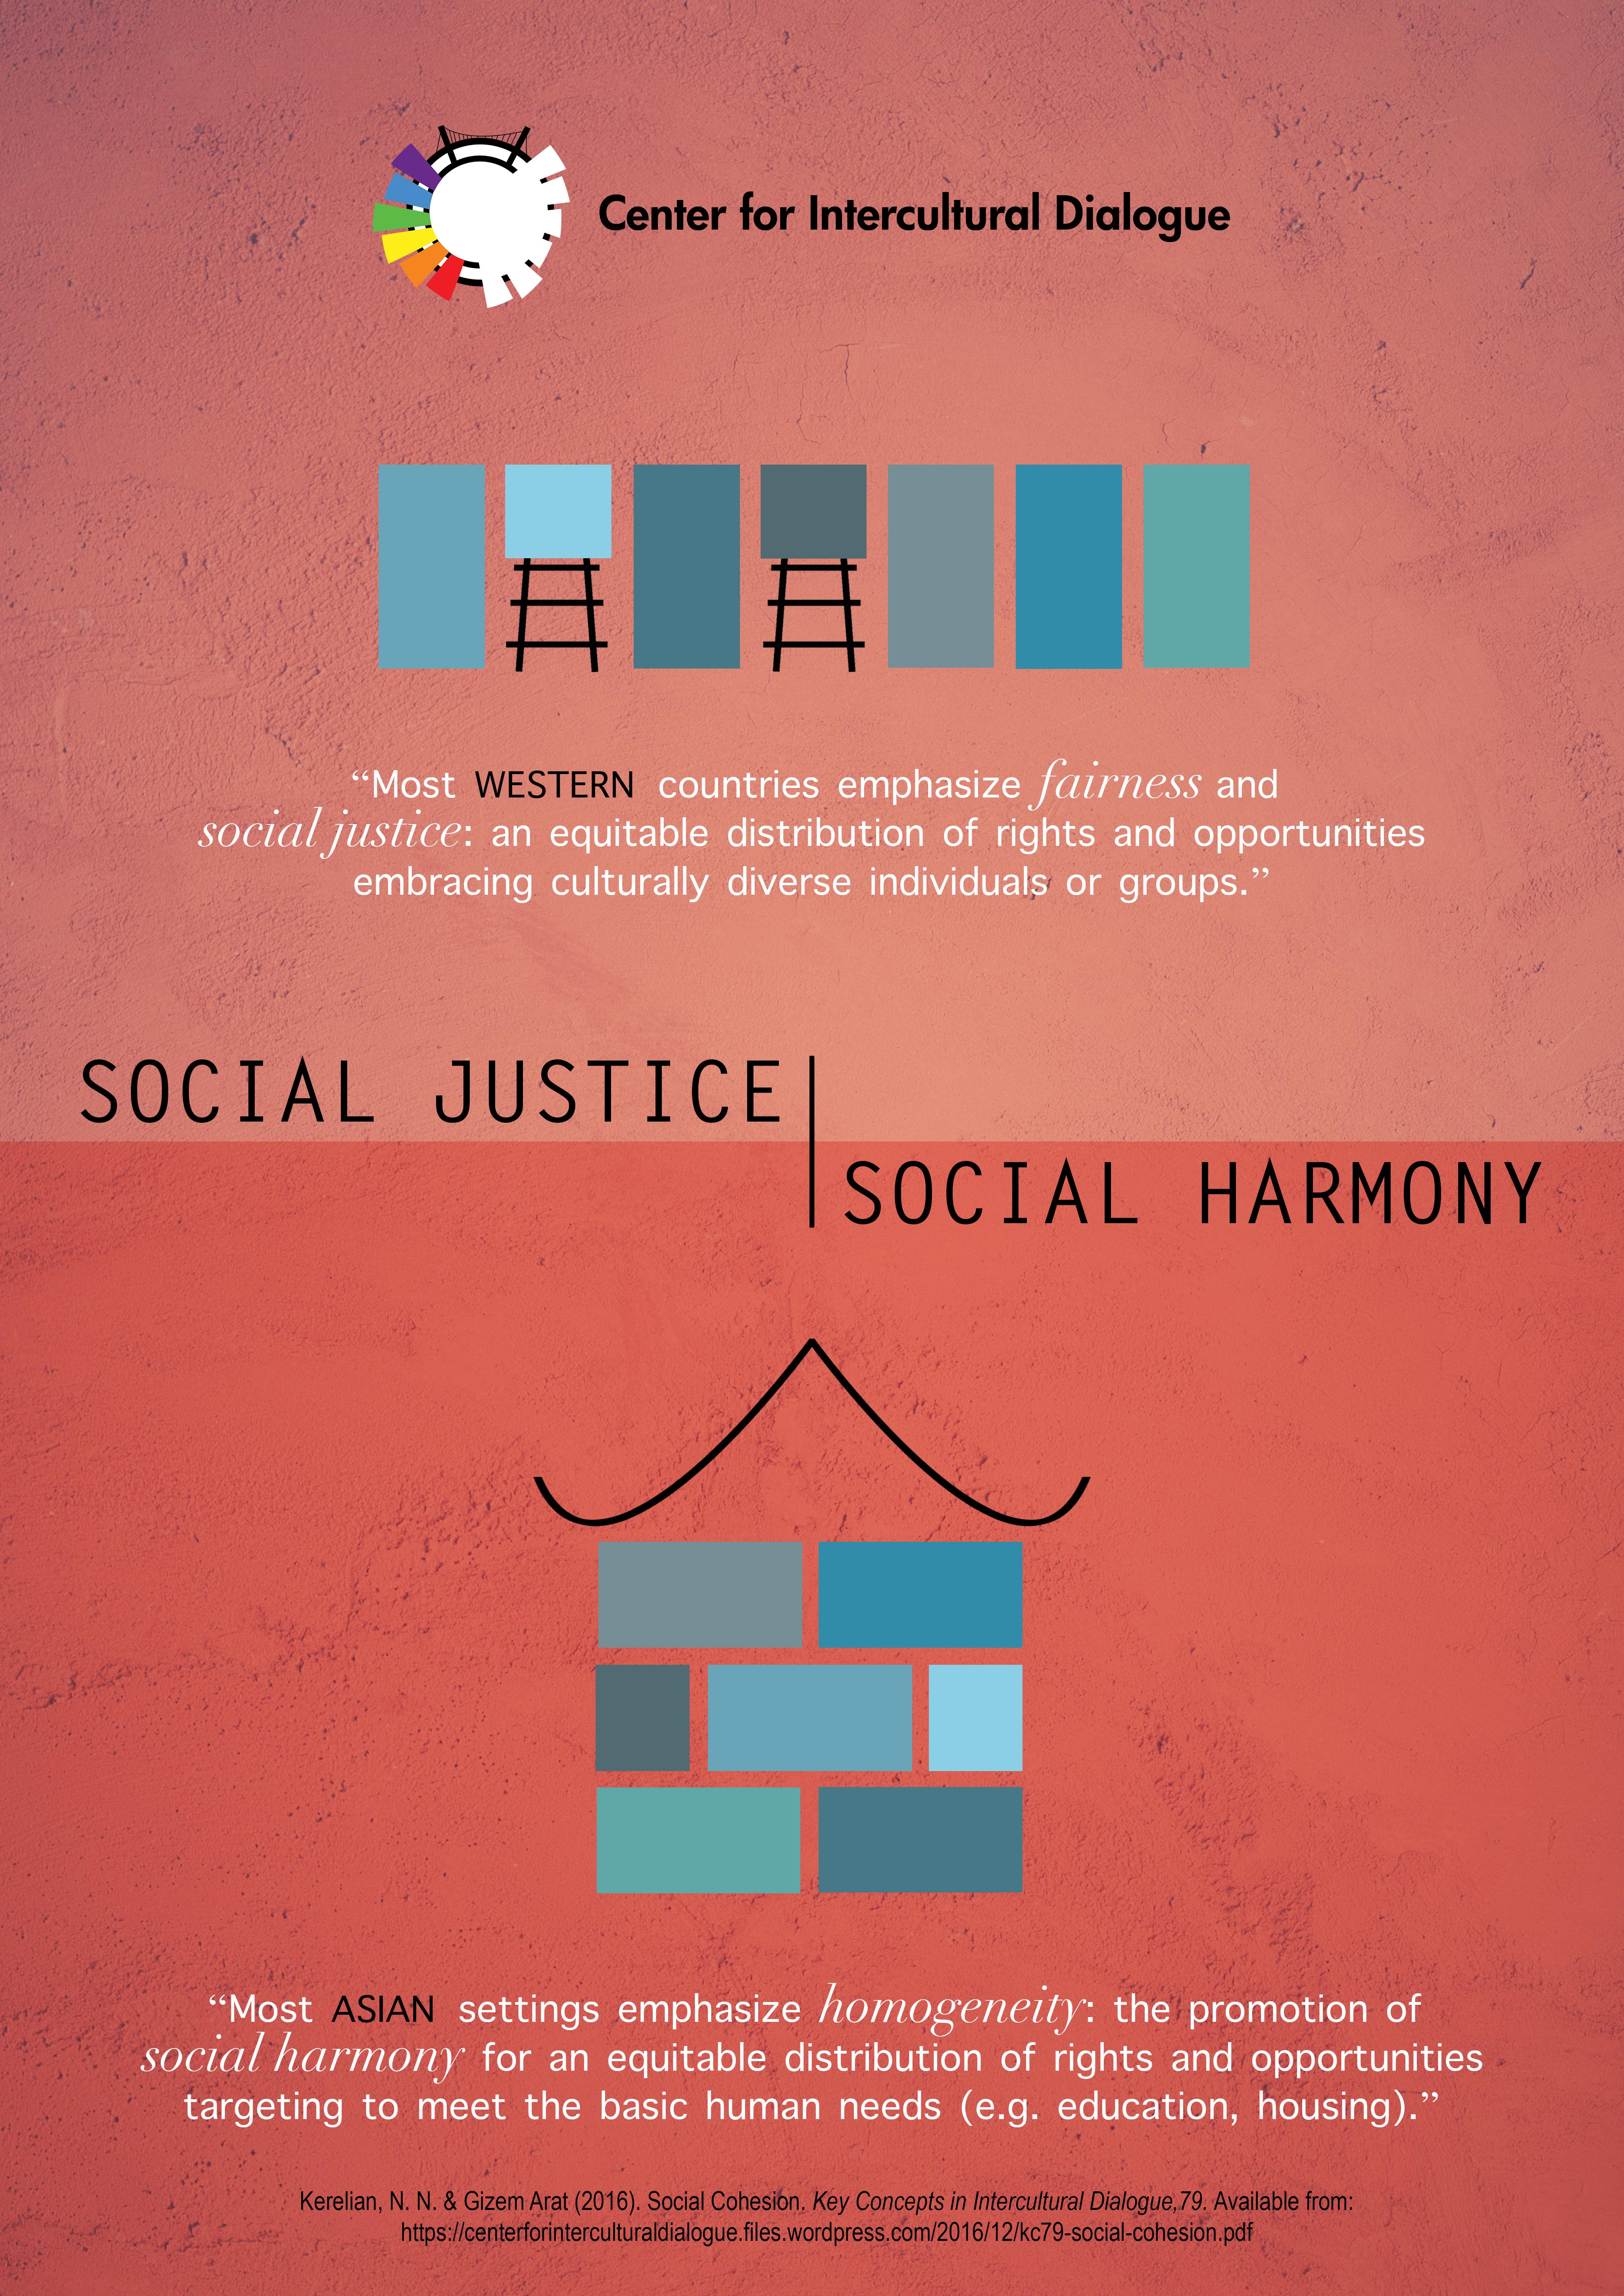 Center For Intercultural Dialogue